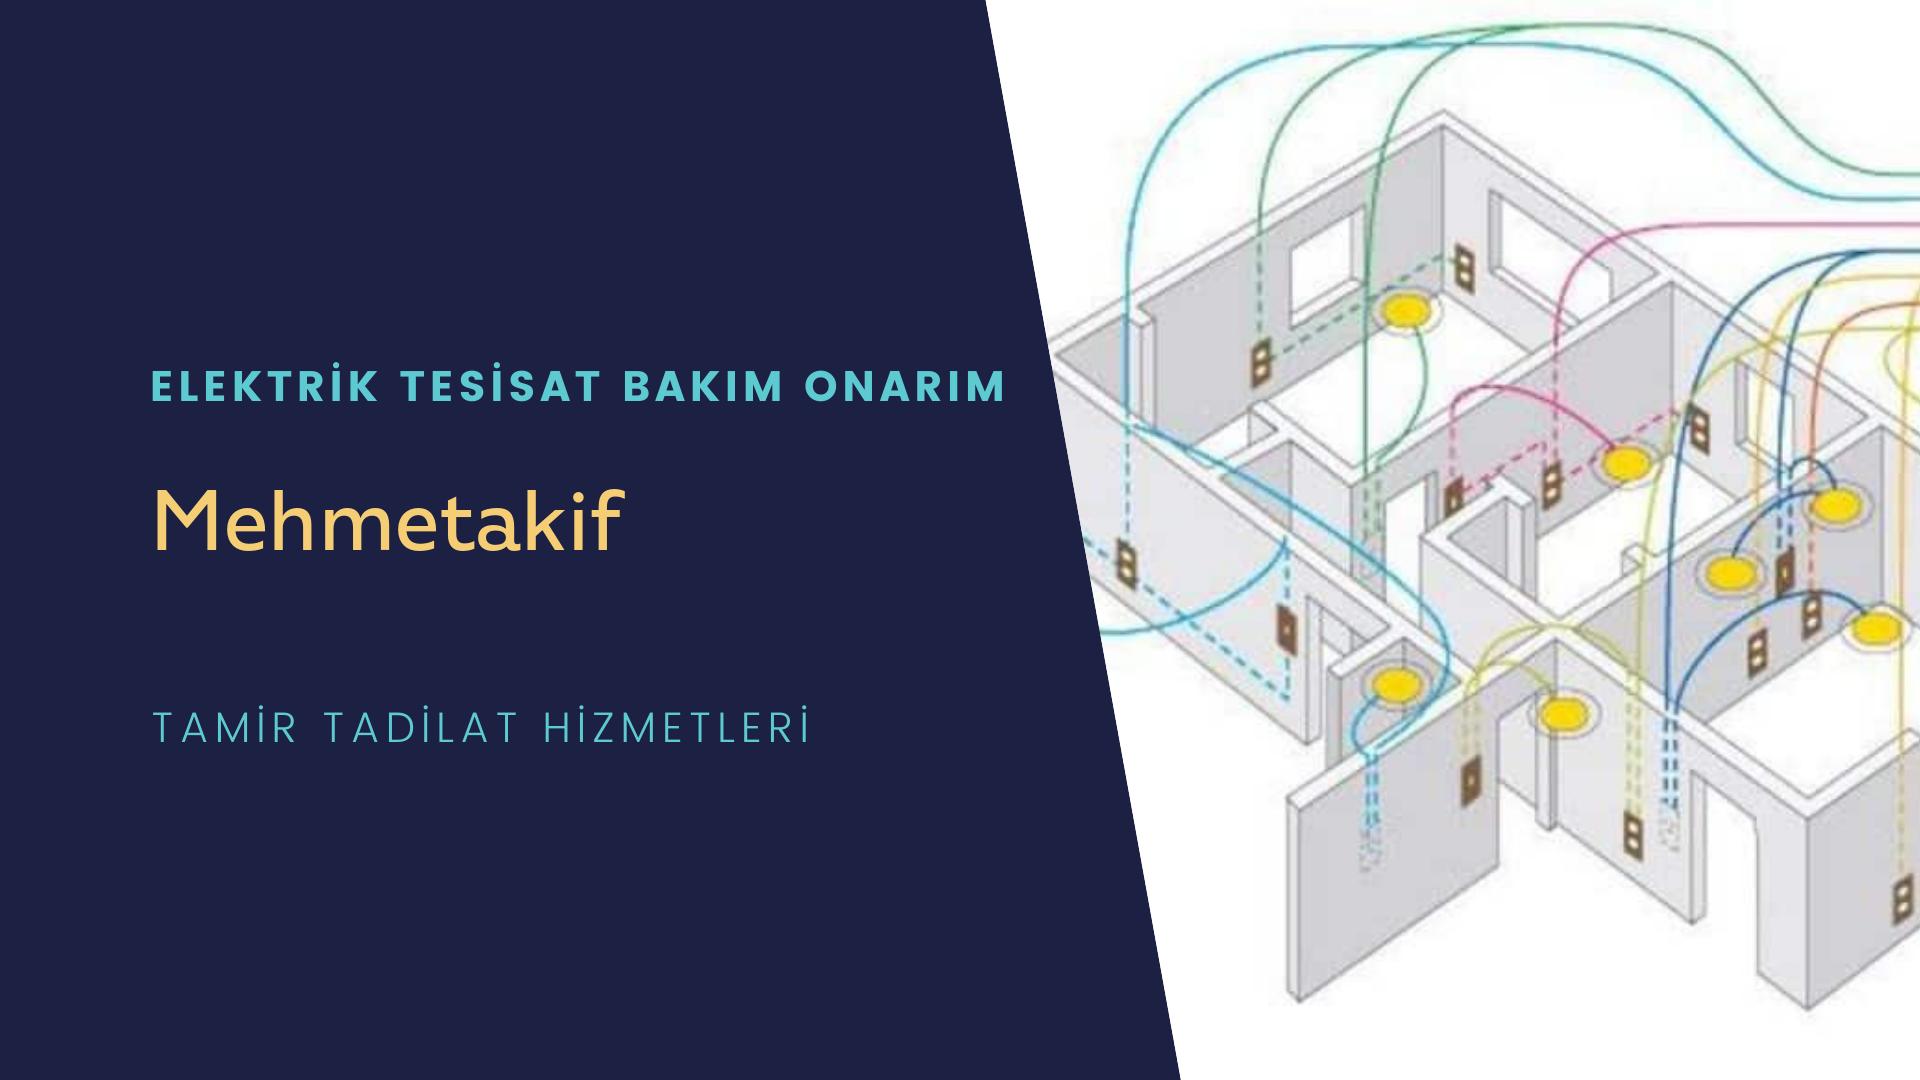 Mehmetakif   elektrik tesisatıustalarımı arıyorsunuz doğru adrestenizi Mehmetakif  elektrik tesisatı ustalarımız 7/24 sizlere hizmet vermekten mutluluk duyar.